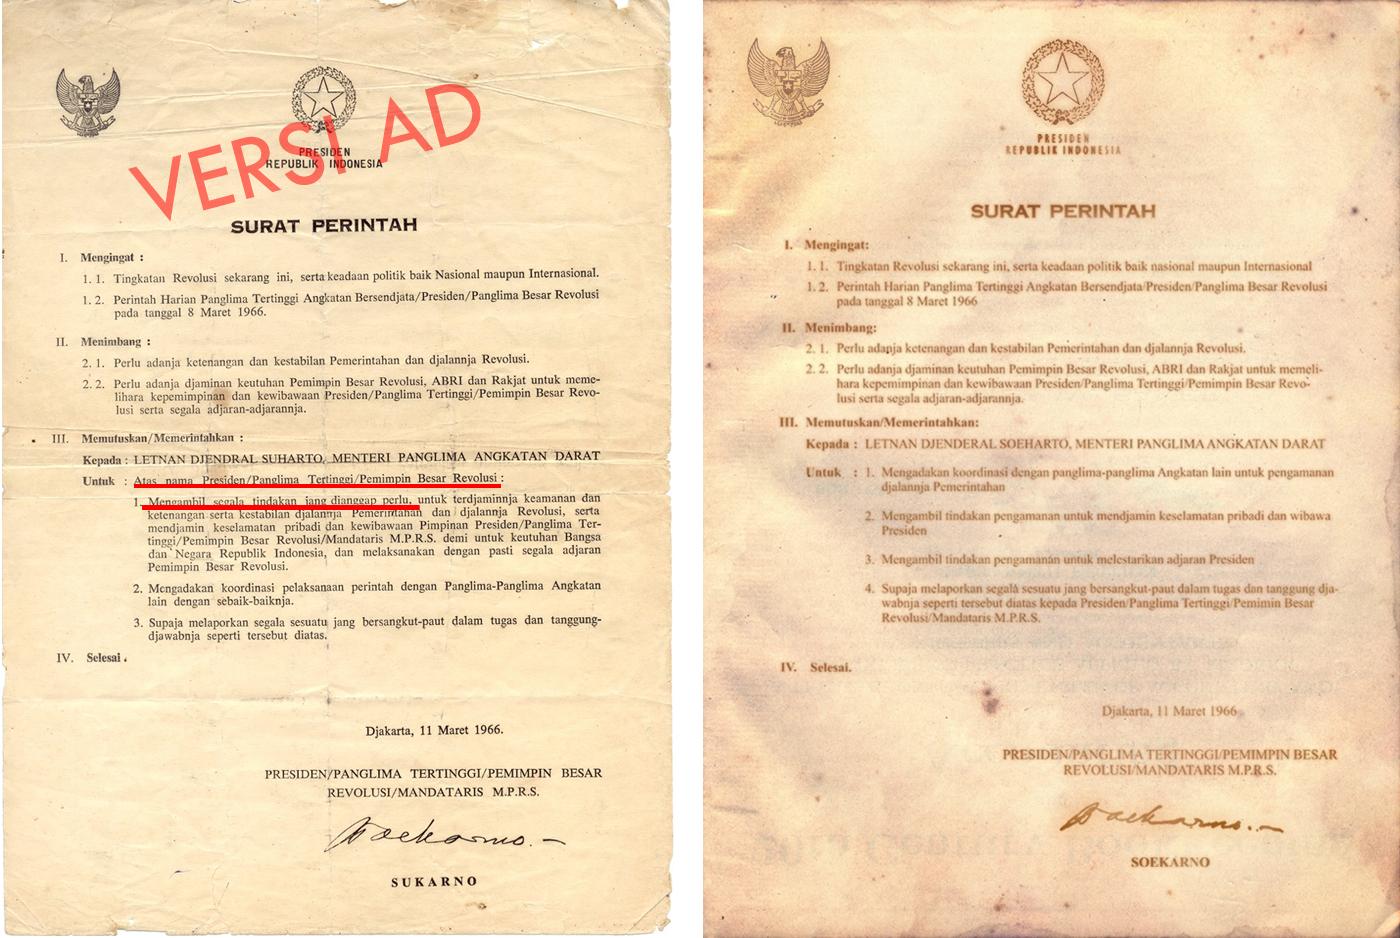 Latar Belakang Lahirnya SUPERSEMAR ( Surat Pemerintah 11 maret 1966)